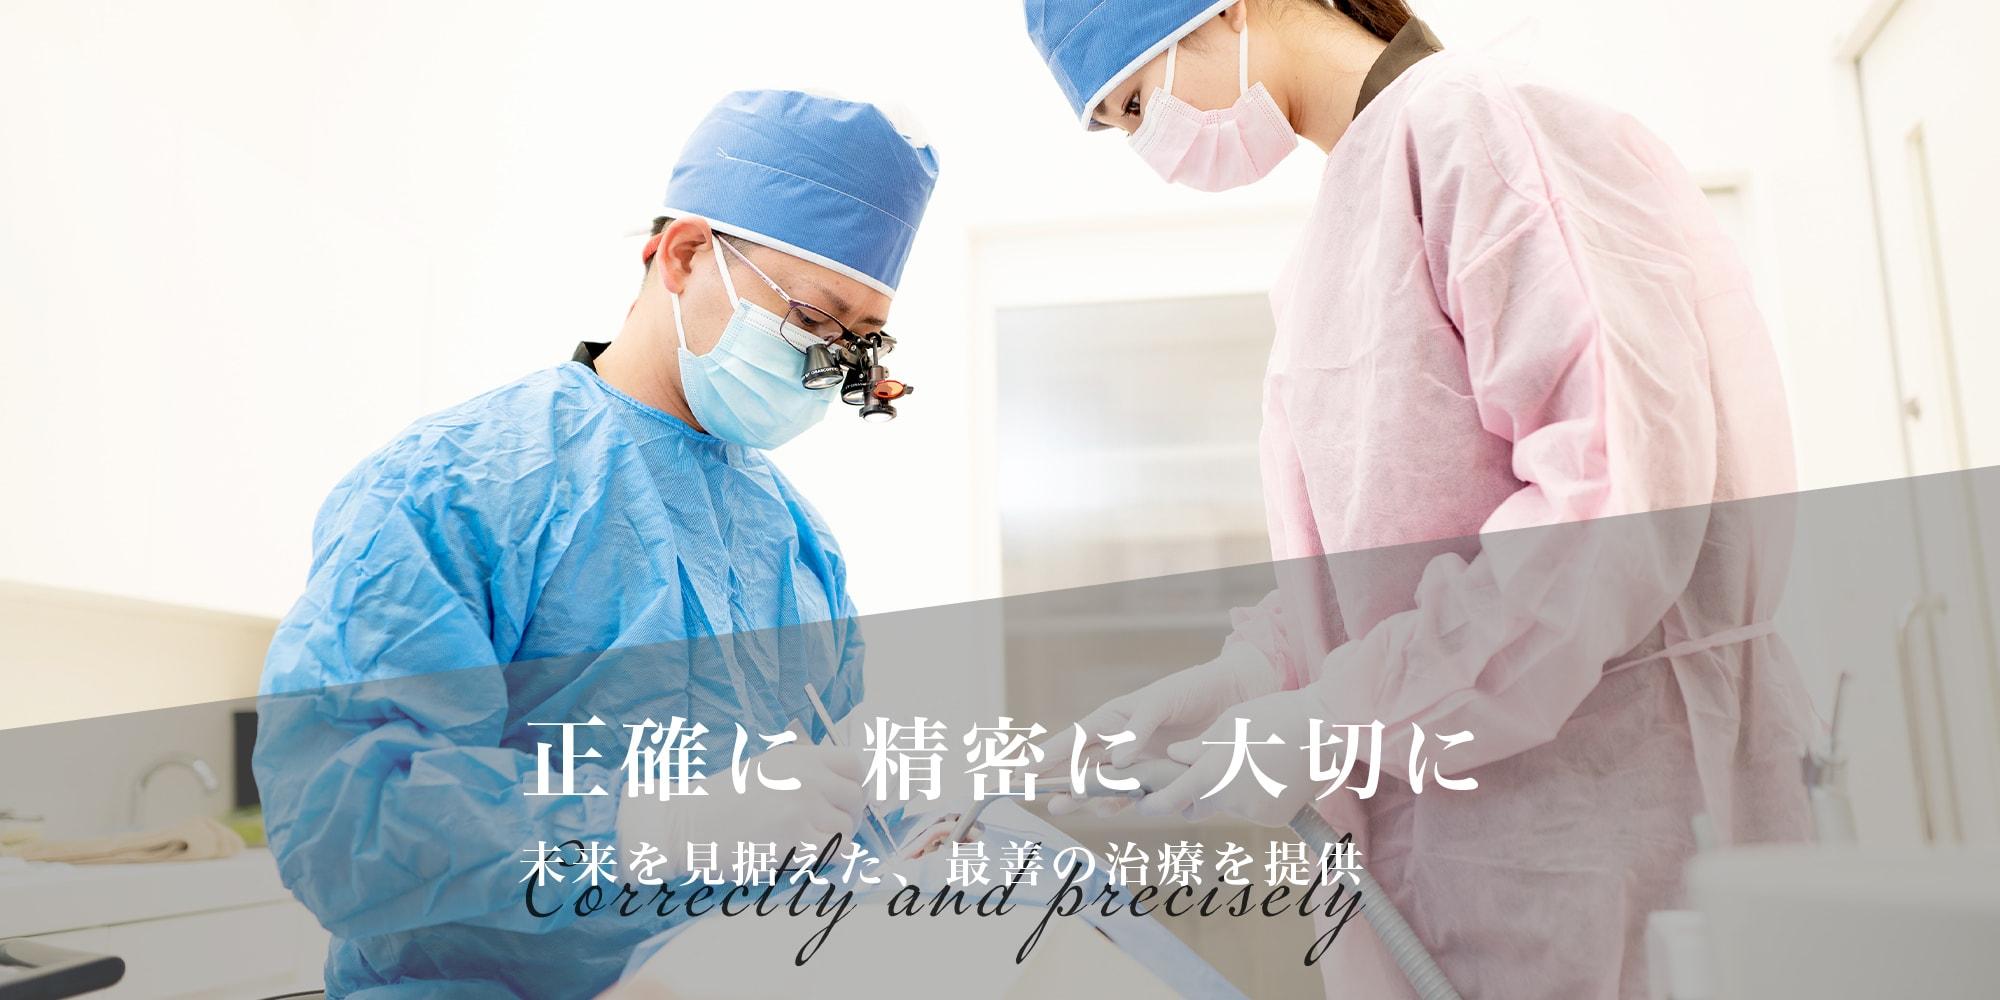 正確に 精密に 大切に 未来を見据えた、最善の治療を提供